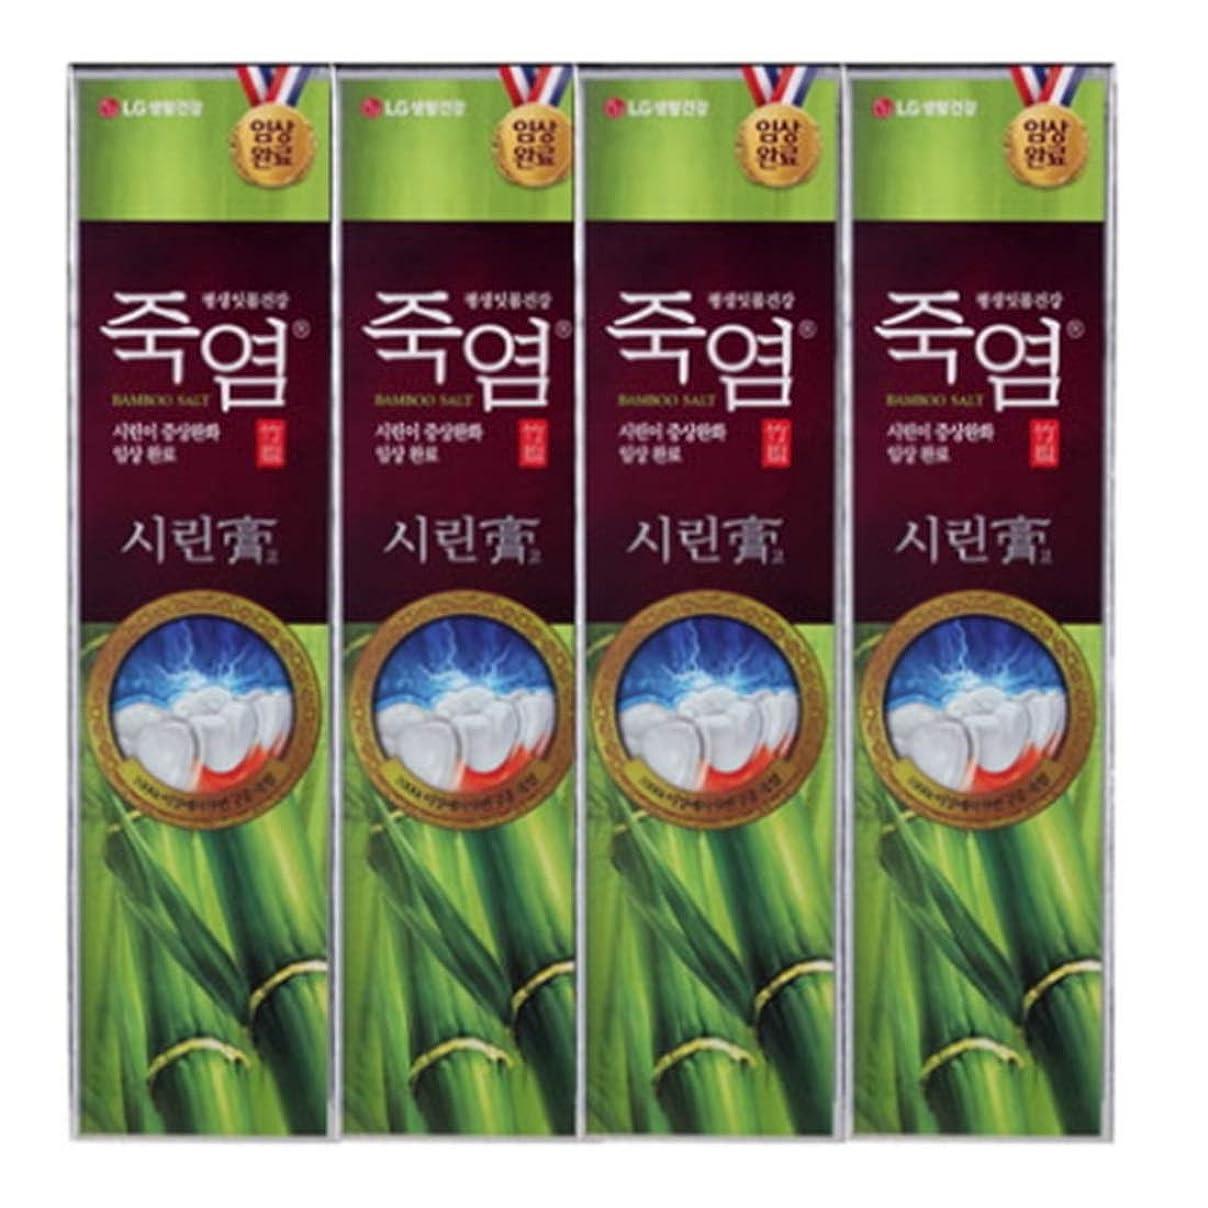 裏切り者挨拶するコピー[LG Care/LG生活健康]竹塩歯磨き粉つぶれて歯茎を健康に120g x4ea/歯磨きセットスペシャル?リミテッドToothpaste Set Special Limited Korea(海外直送品)